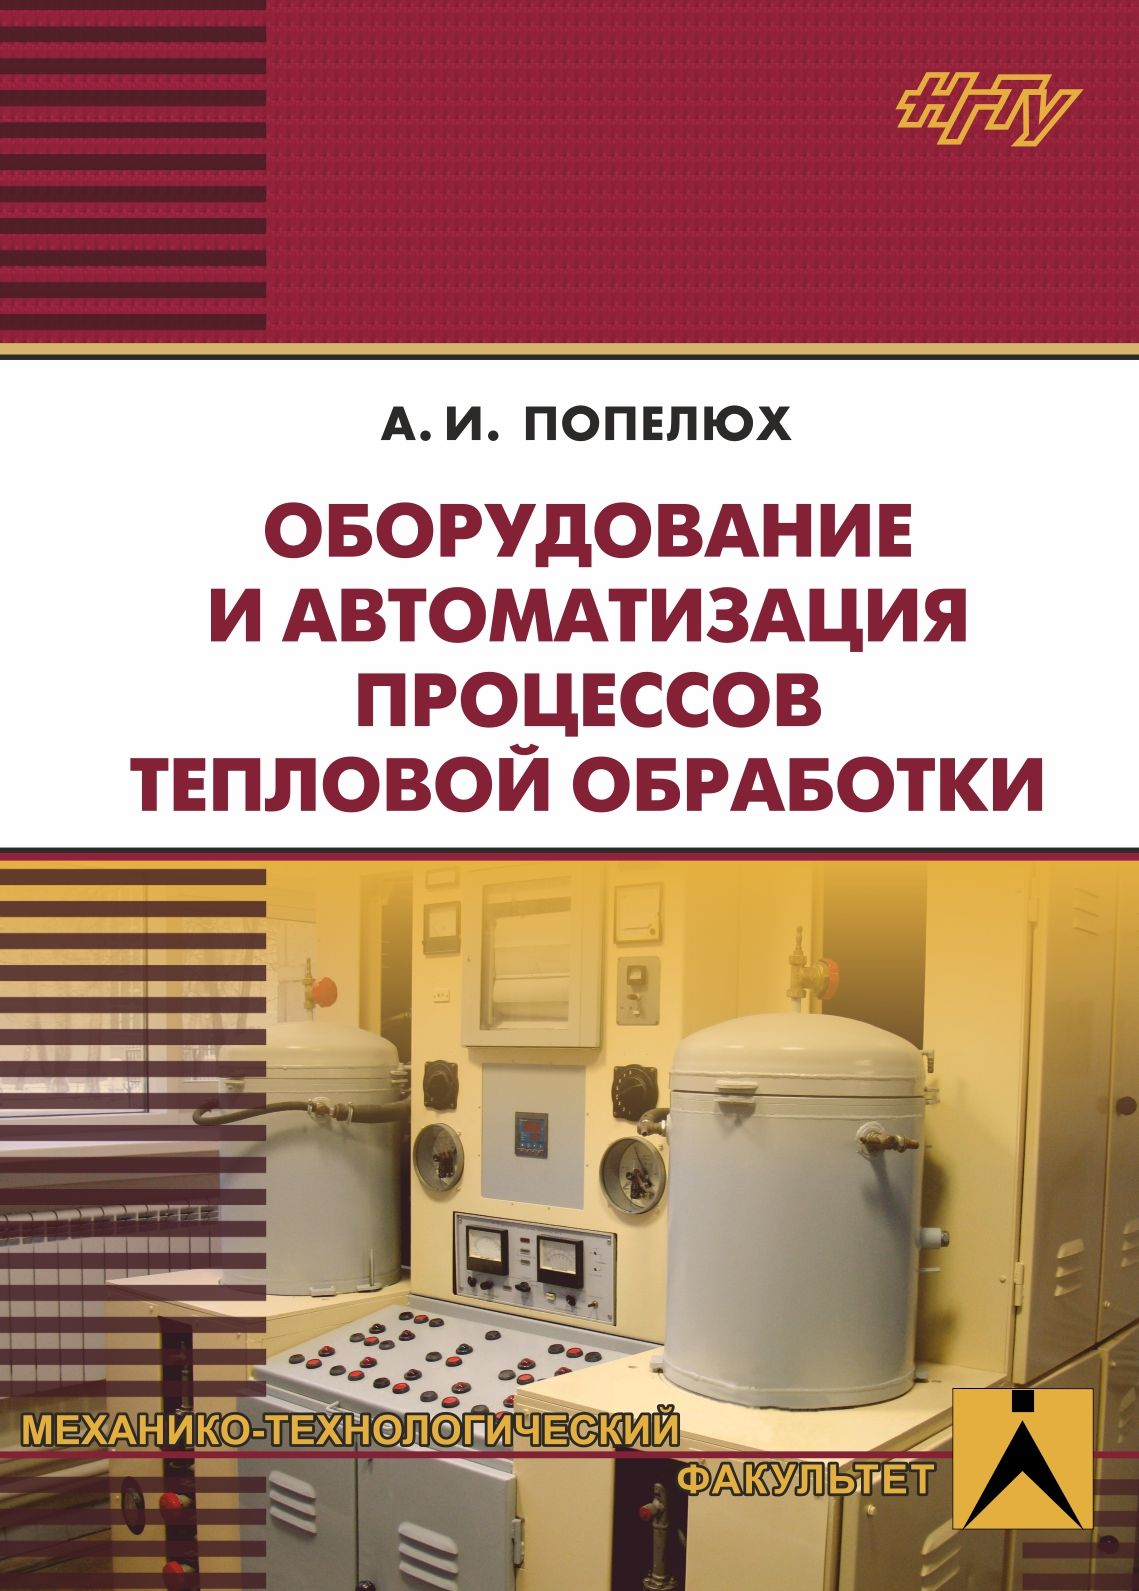 А. И. Попелюх Оборудование и автоматизация процессов тепловой обработки